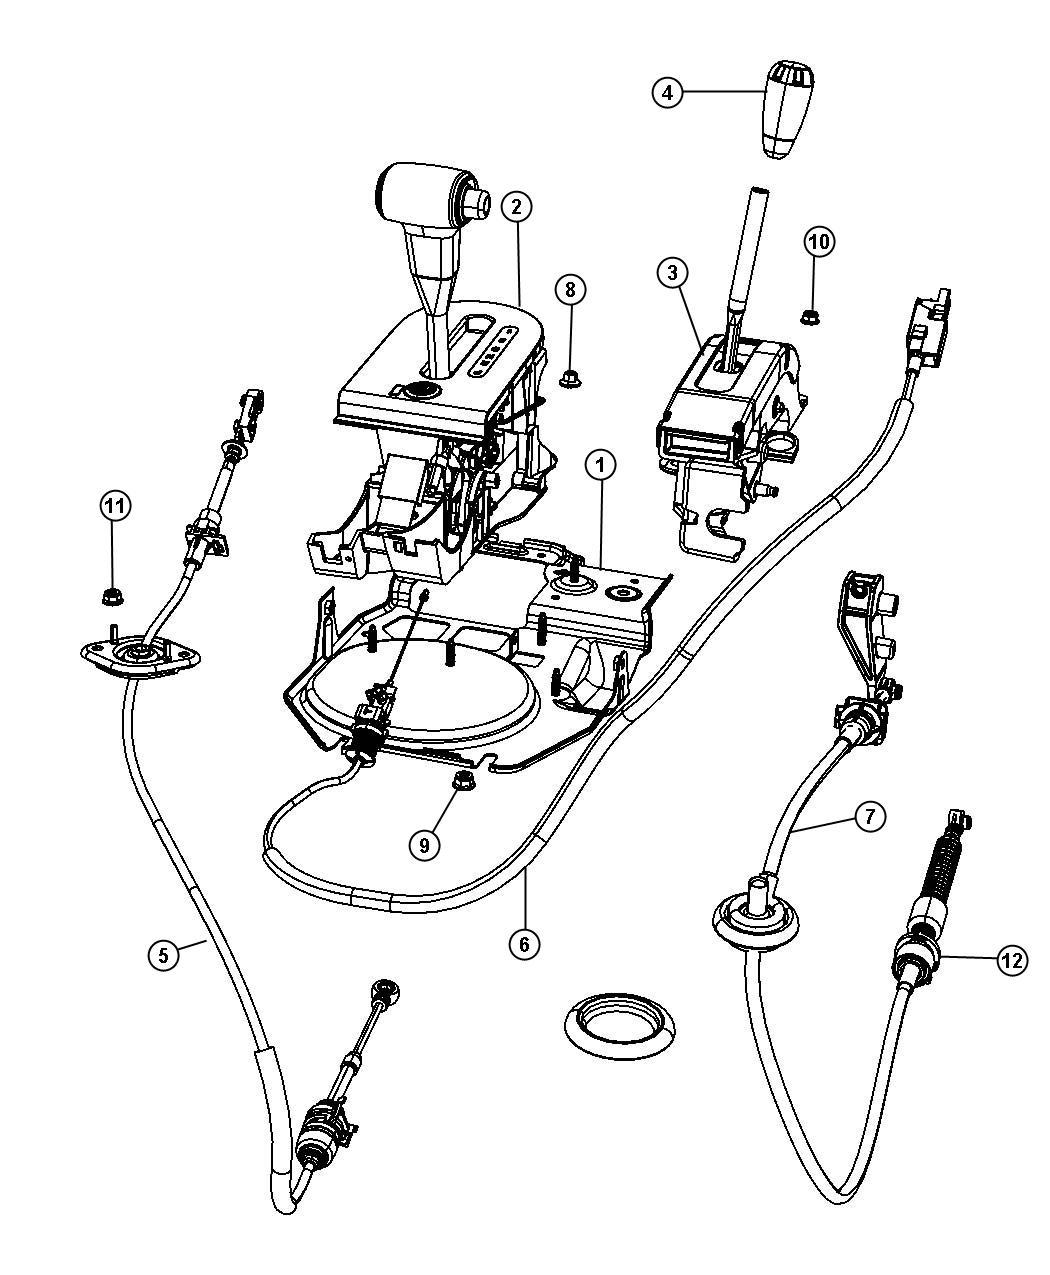 boat hardware engine cooling system diagram